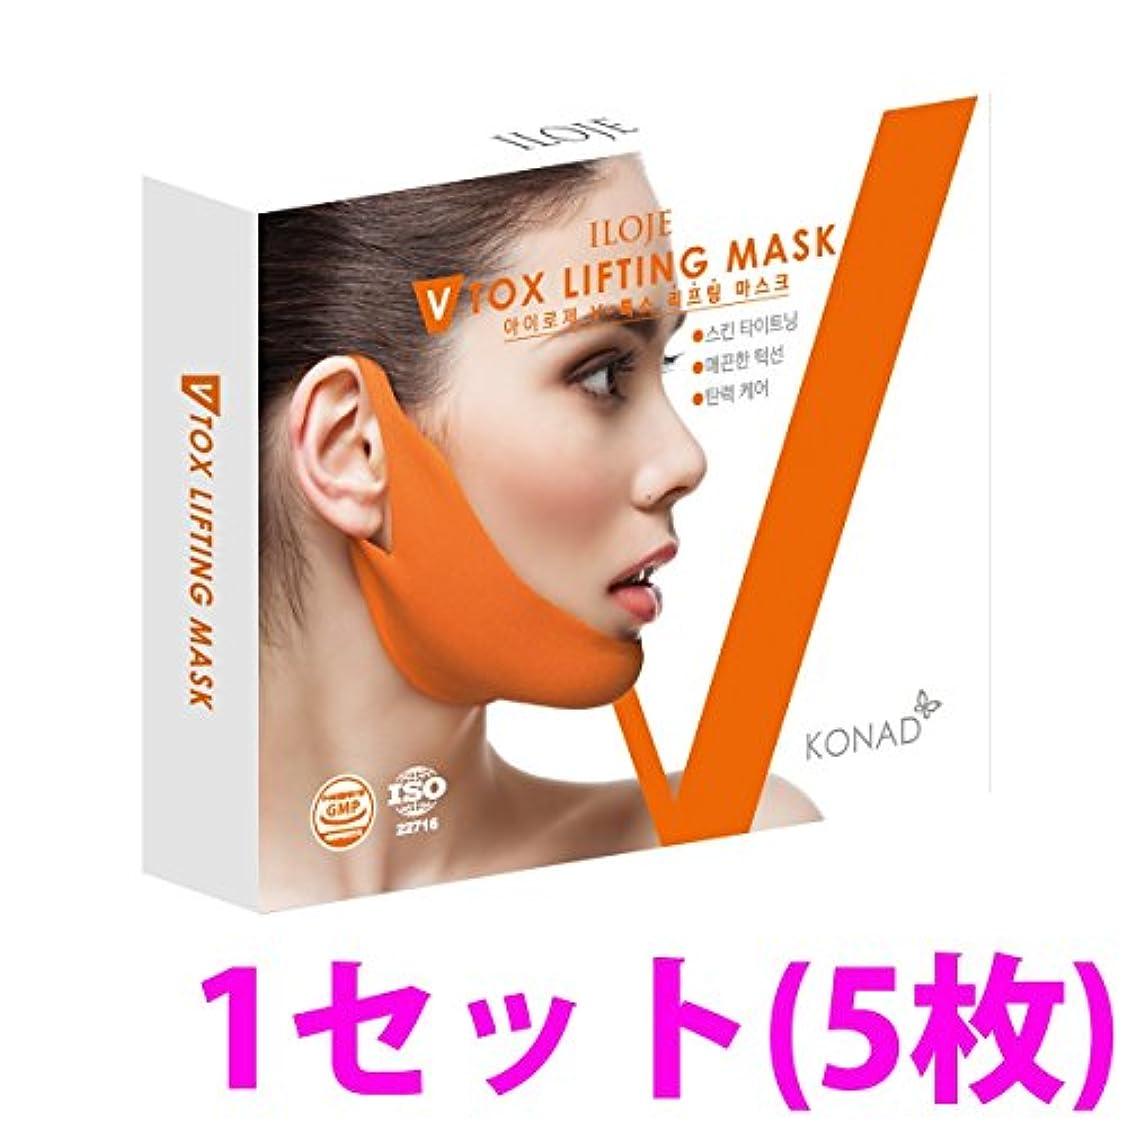 フィード説明的オーナメント女性の年齢は顎の輪郭で決まる!V-TOXリフティングマスクパック 1セット(5枚)